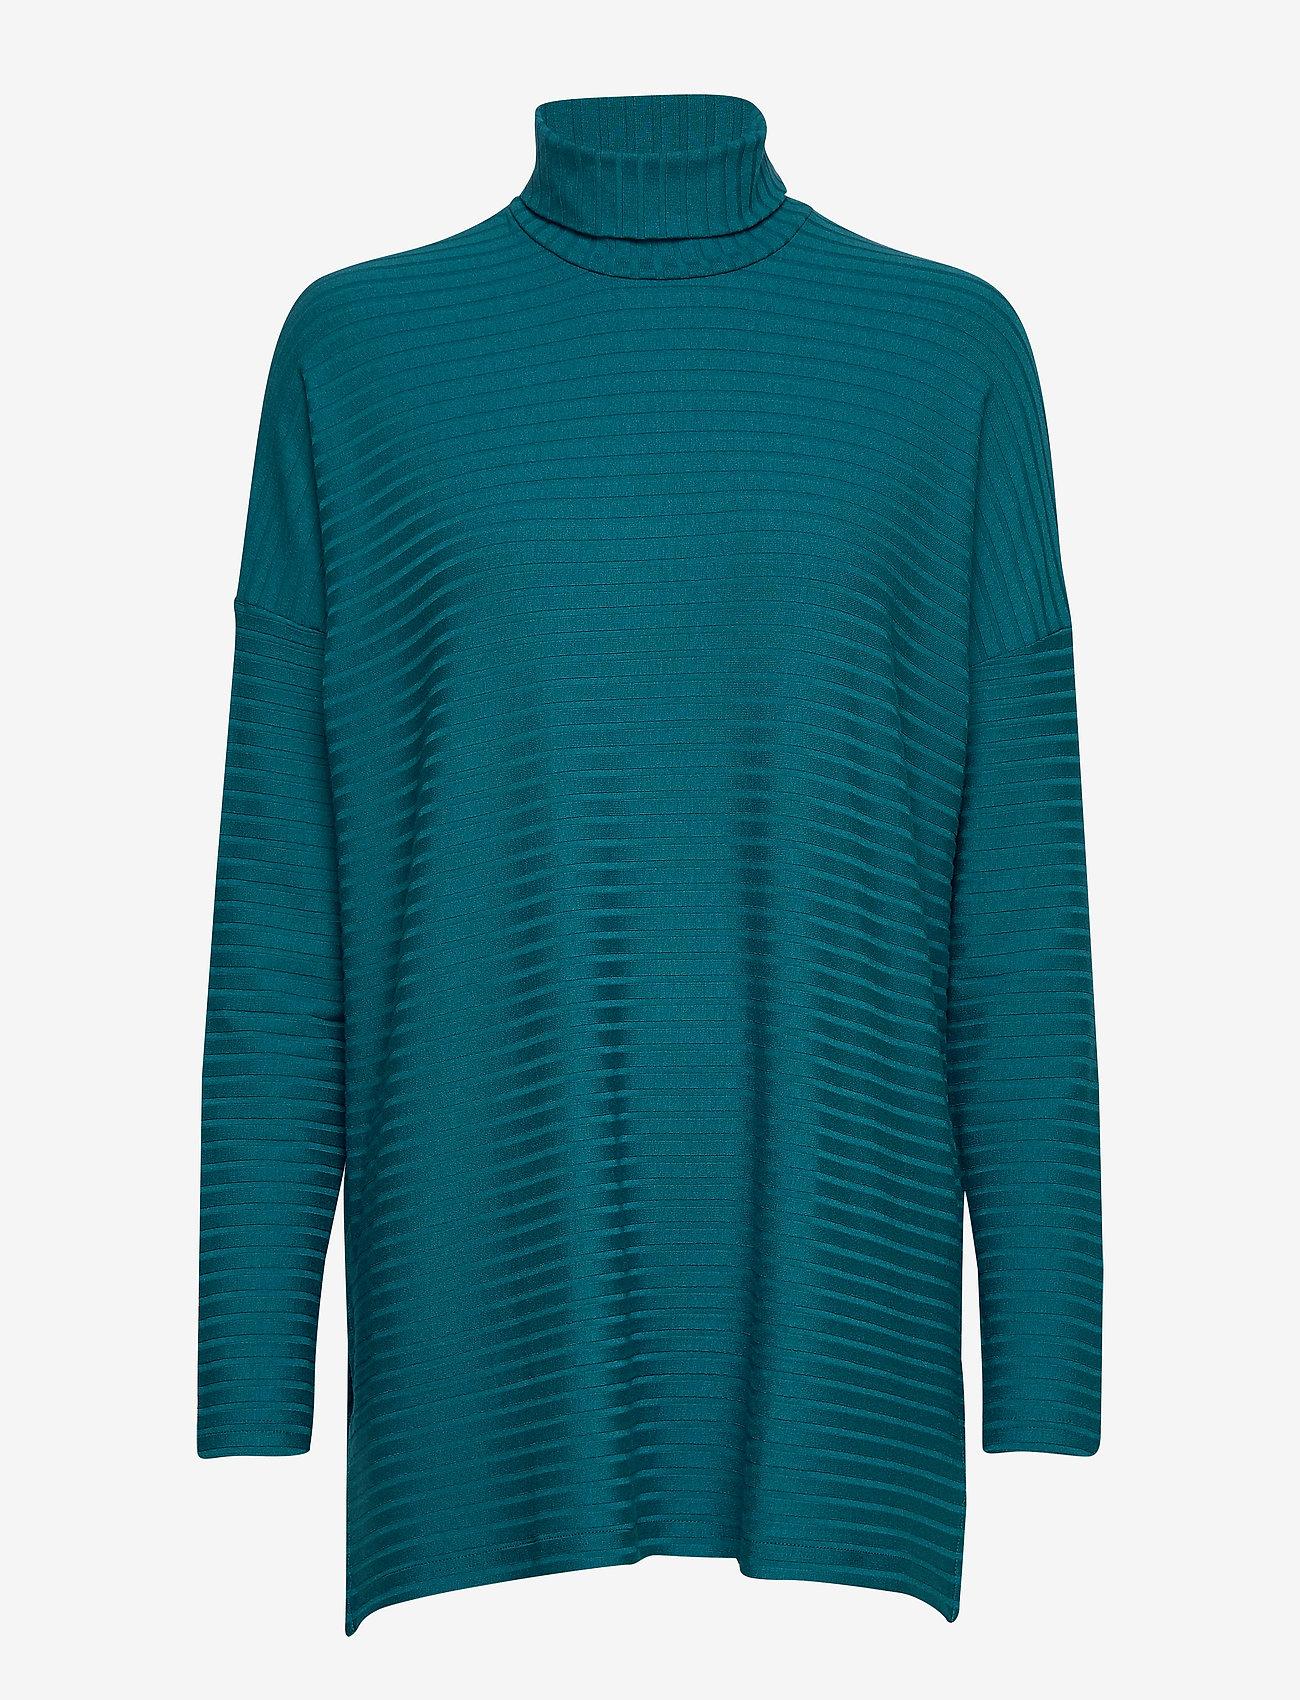 Nanso - Ladies tunic, Rib - poolopaidat - petrol - 0